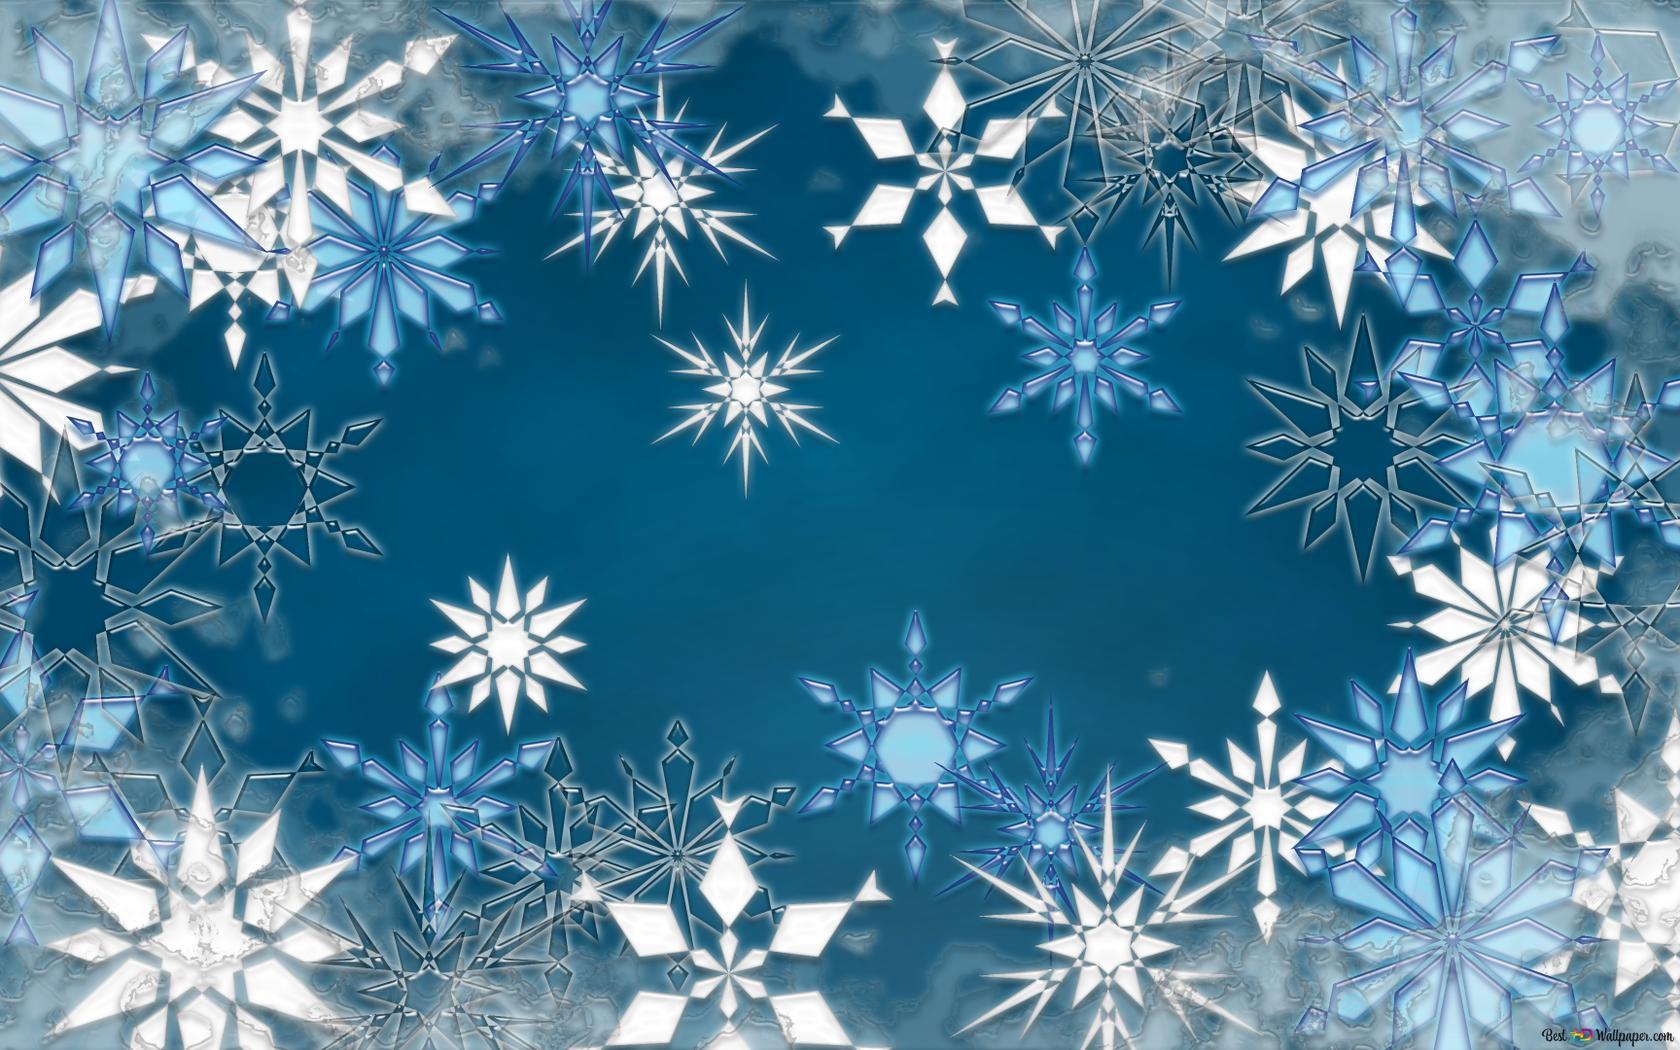 Artistic - Schneeflocken HD Hintergrundbilder herunterladen